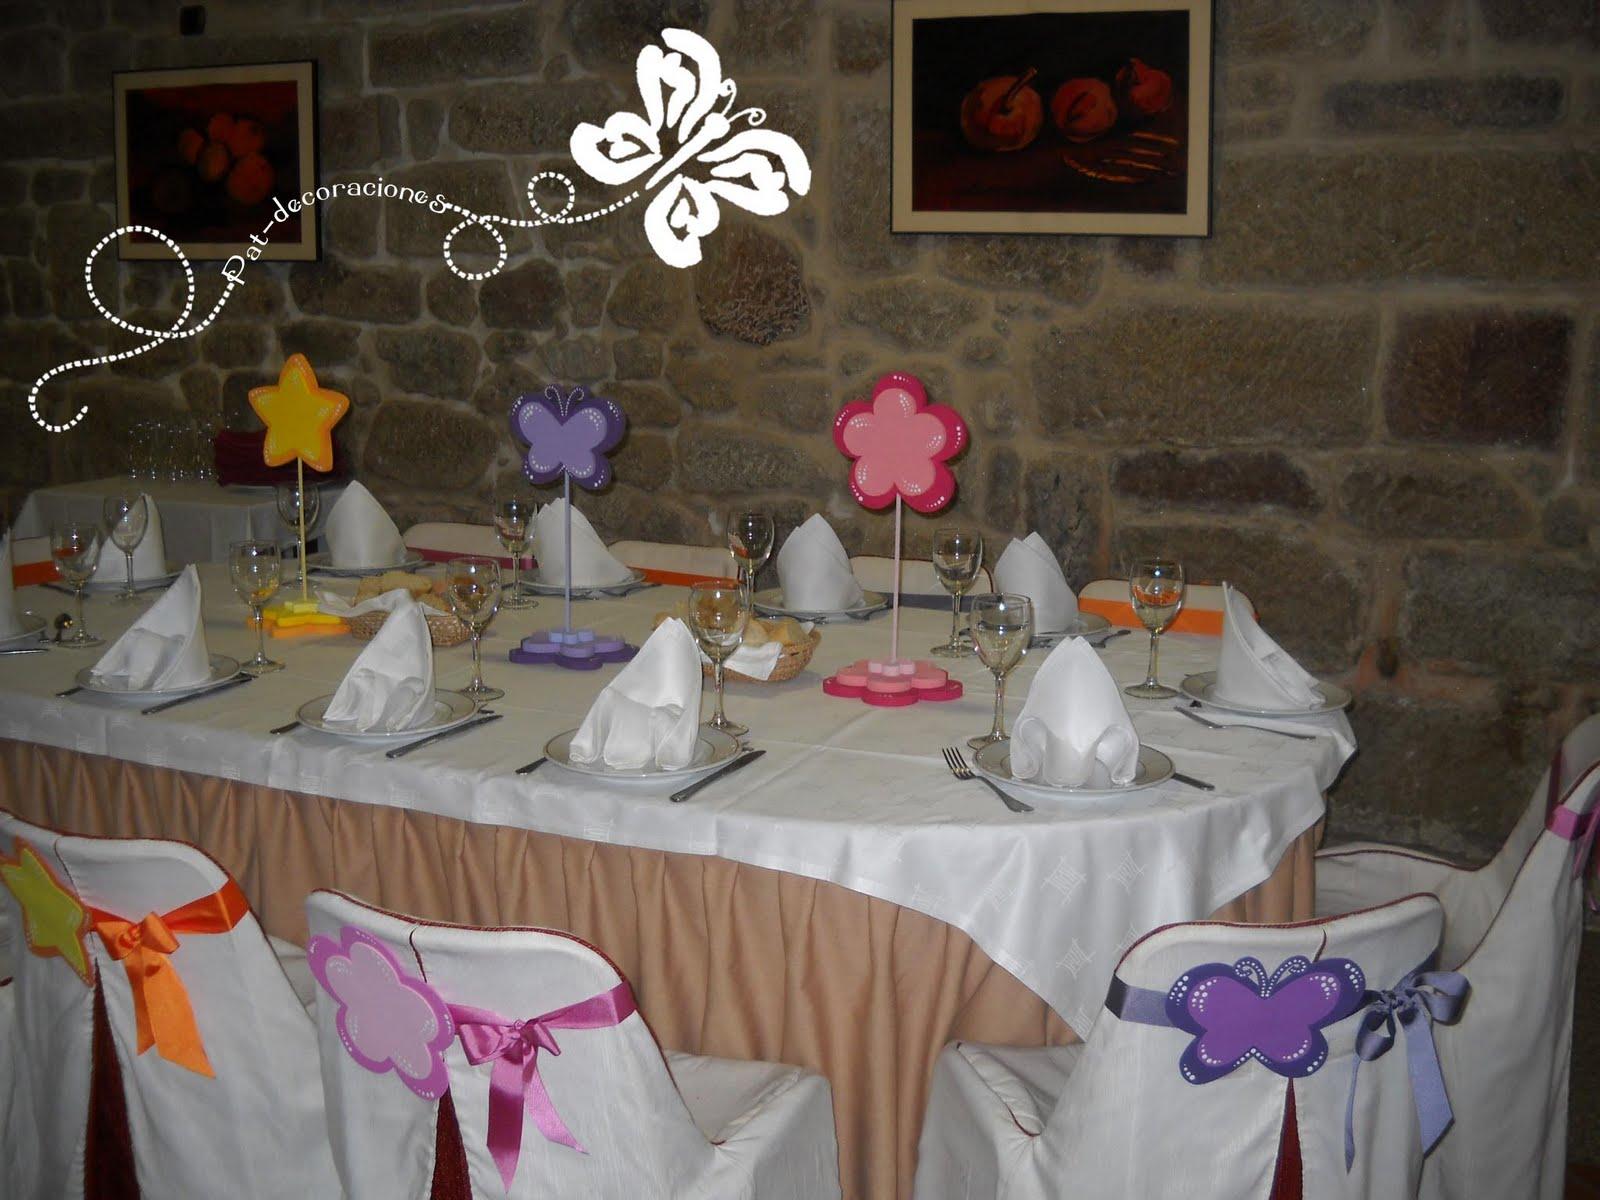 Pat decoraciones decoraci n para primera comuni n for Decoracion de pared para primera comunion